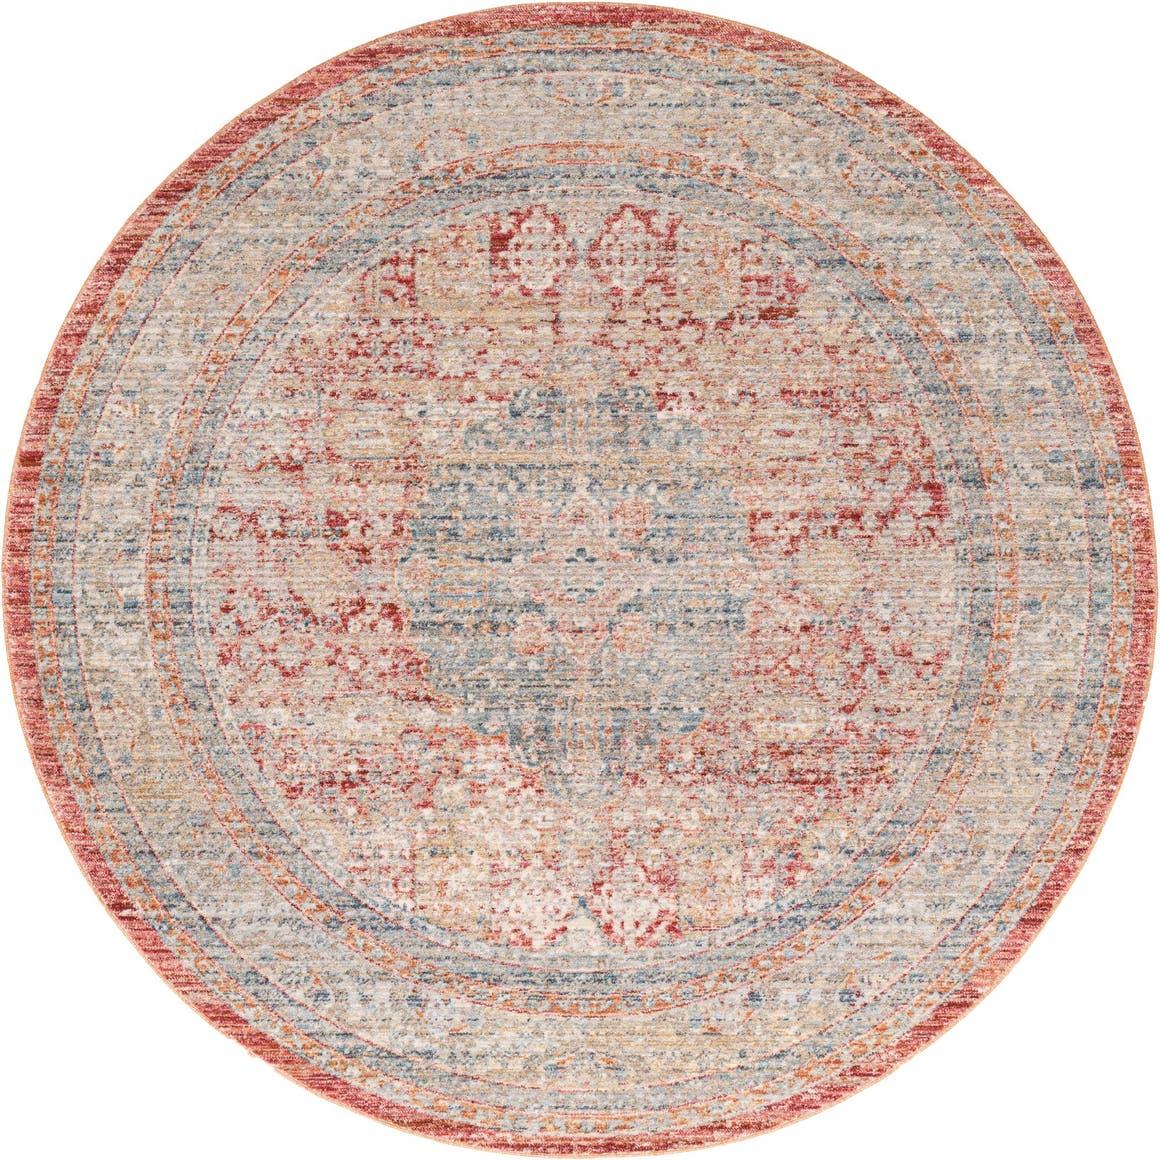 5' 3 x 5' 3 Noble Round Rug main image